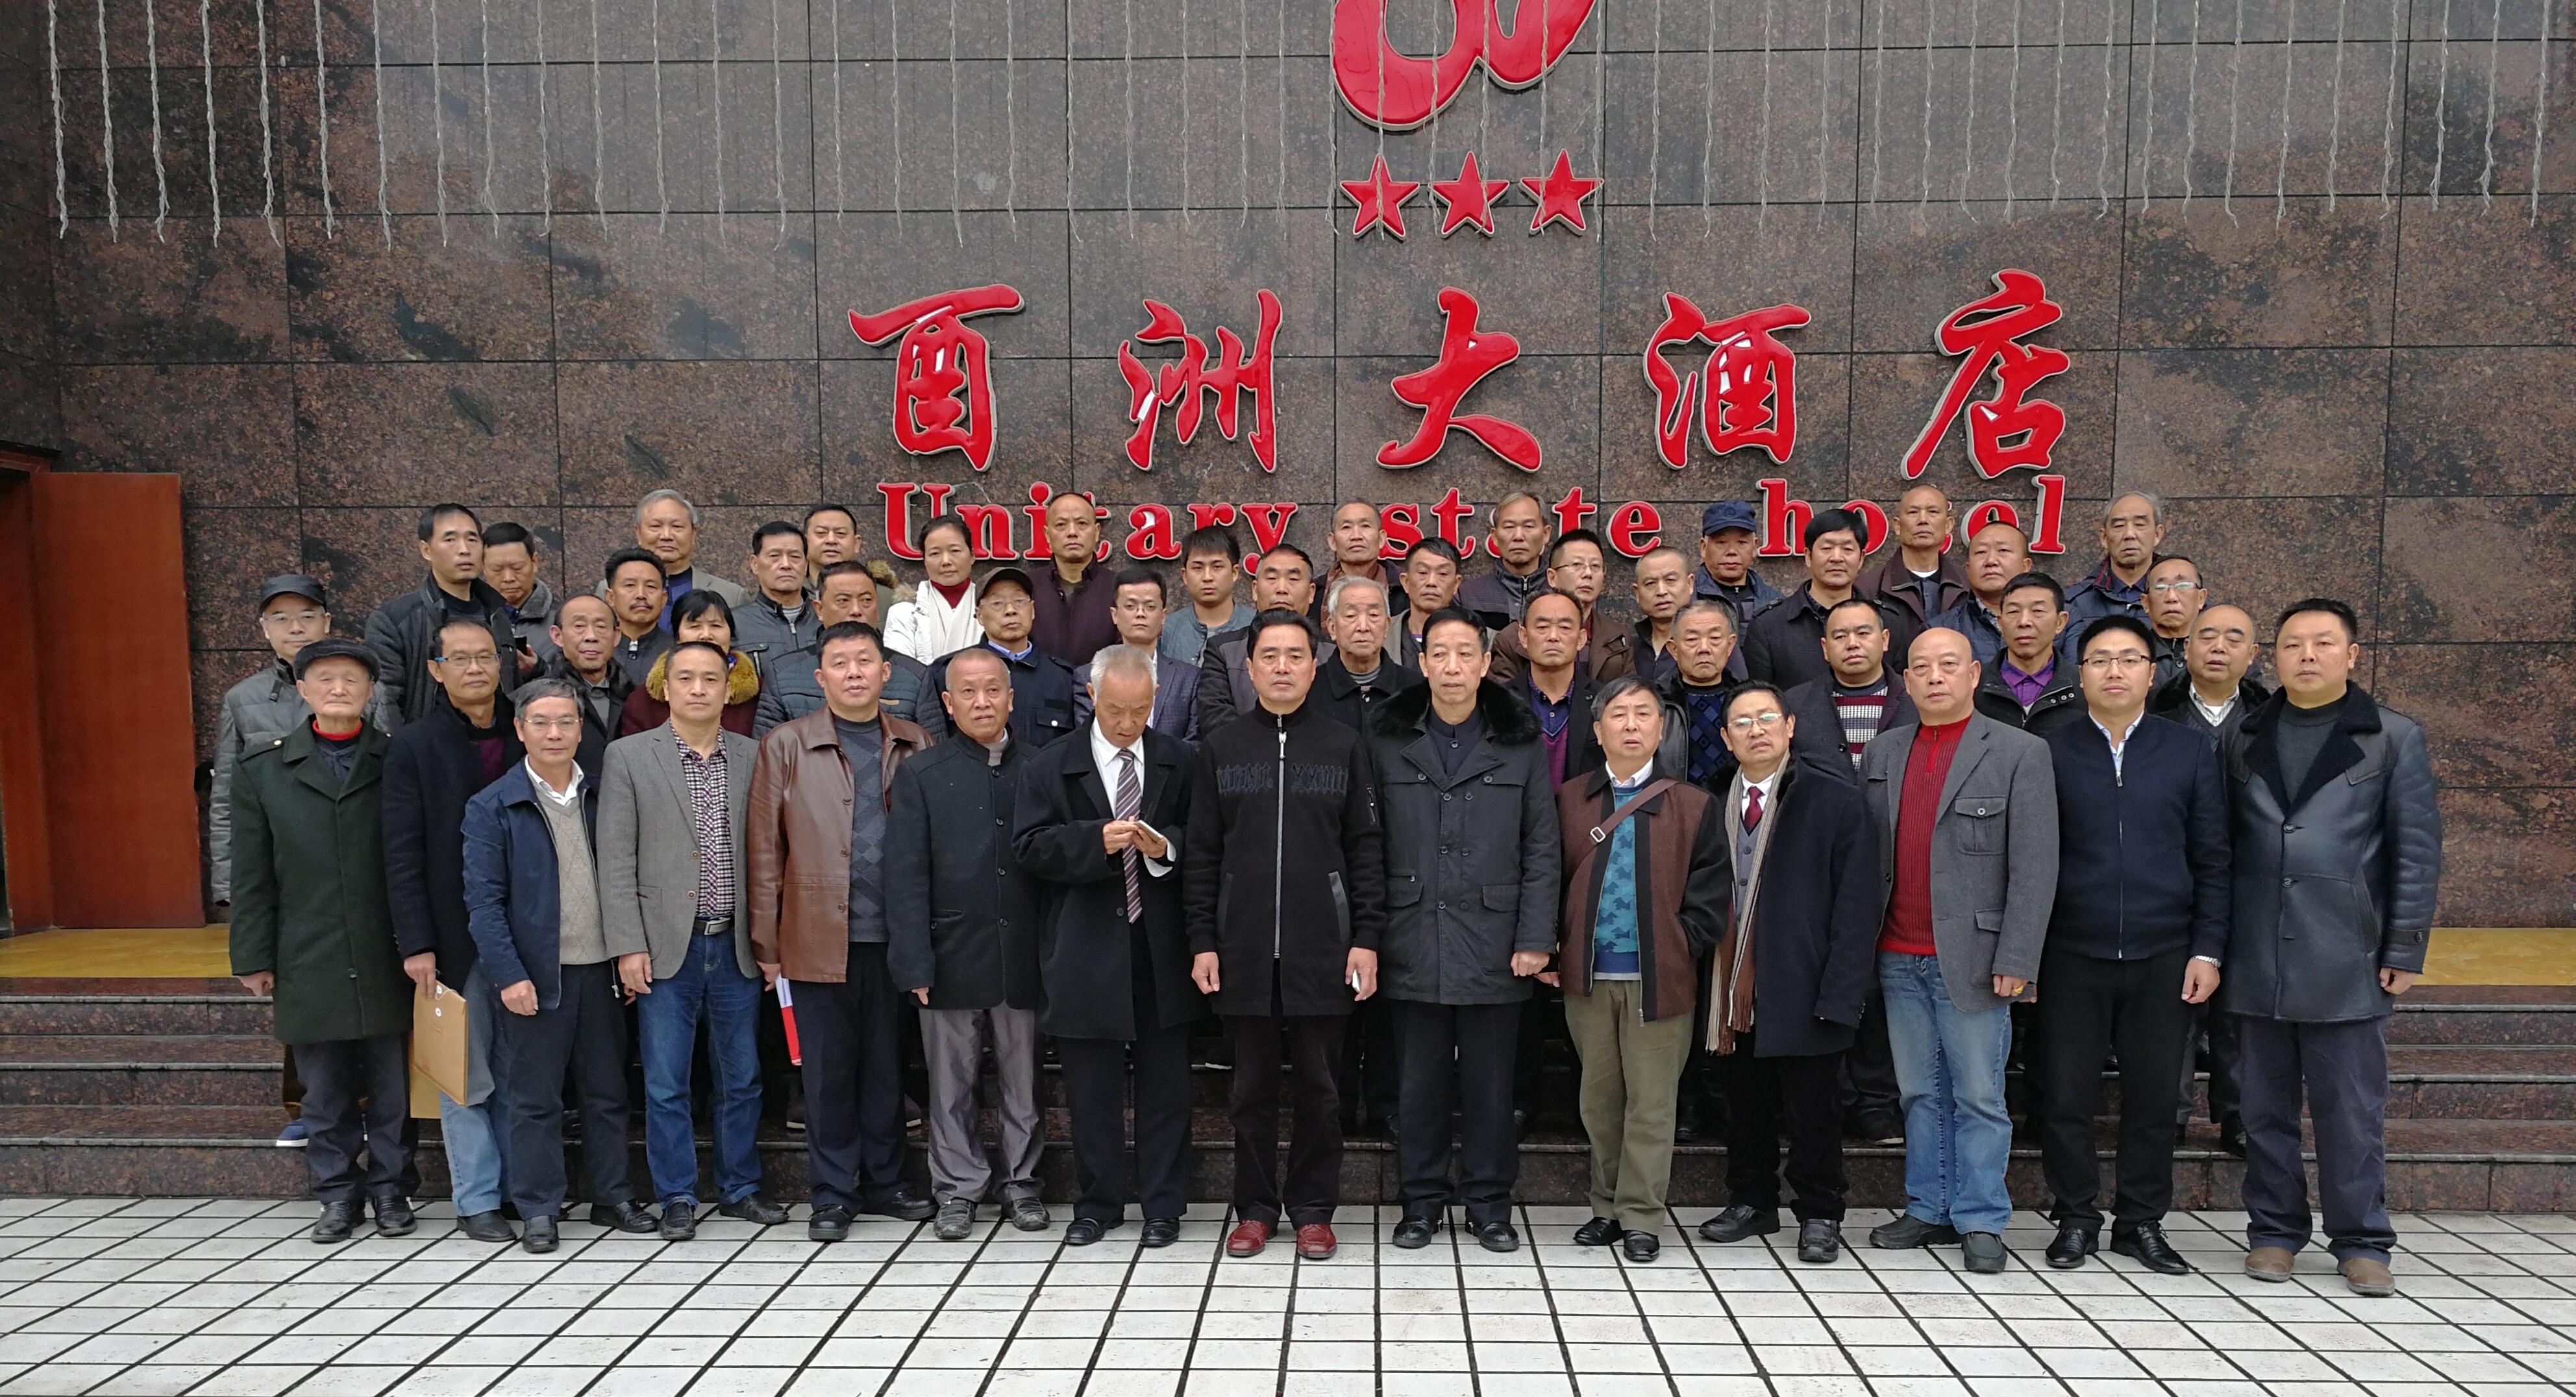 酉阳家文化委员会成立,九亲文化总经理陈胜受邀出席